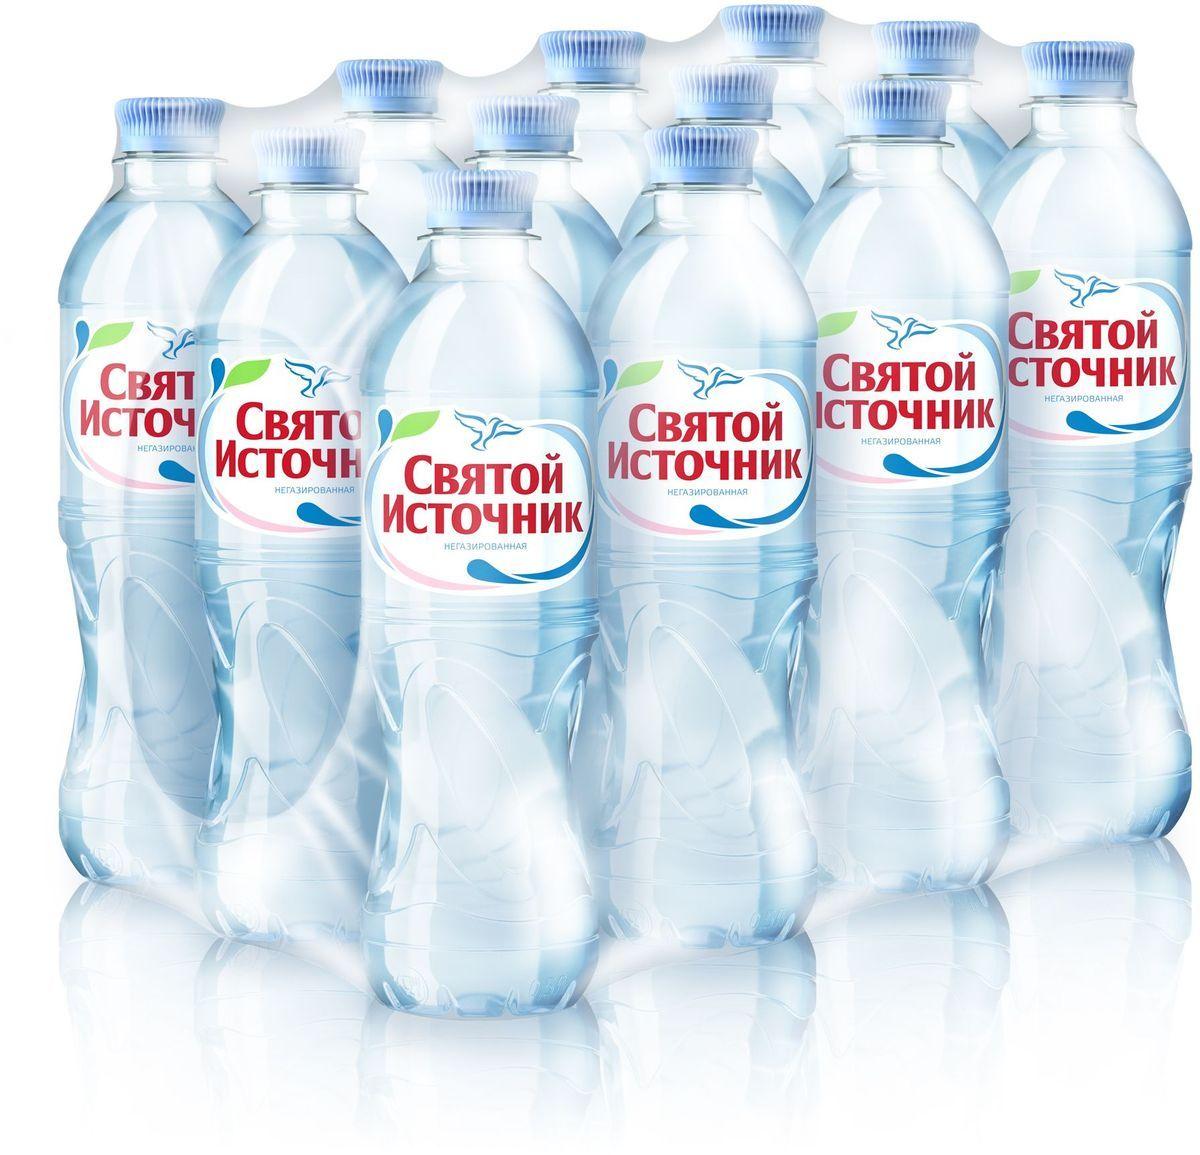 Вода питьевая Святой Источник негазированная, 0,5л (упаковка 12шт)